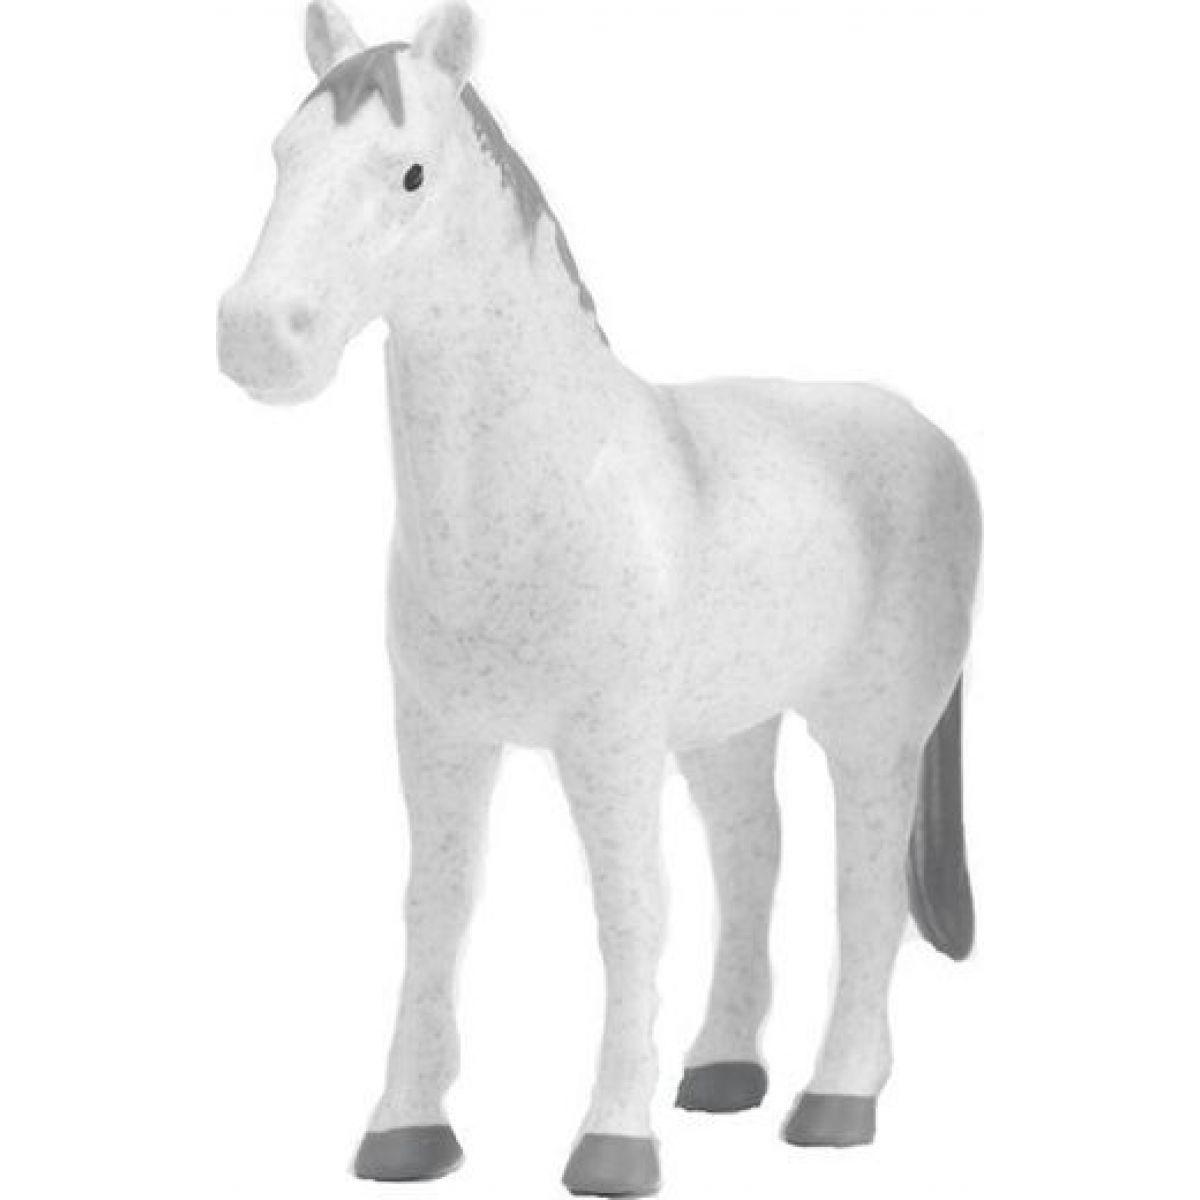 Bruder 2306 Zvířátko kůň - Bílá